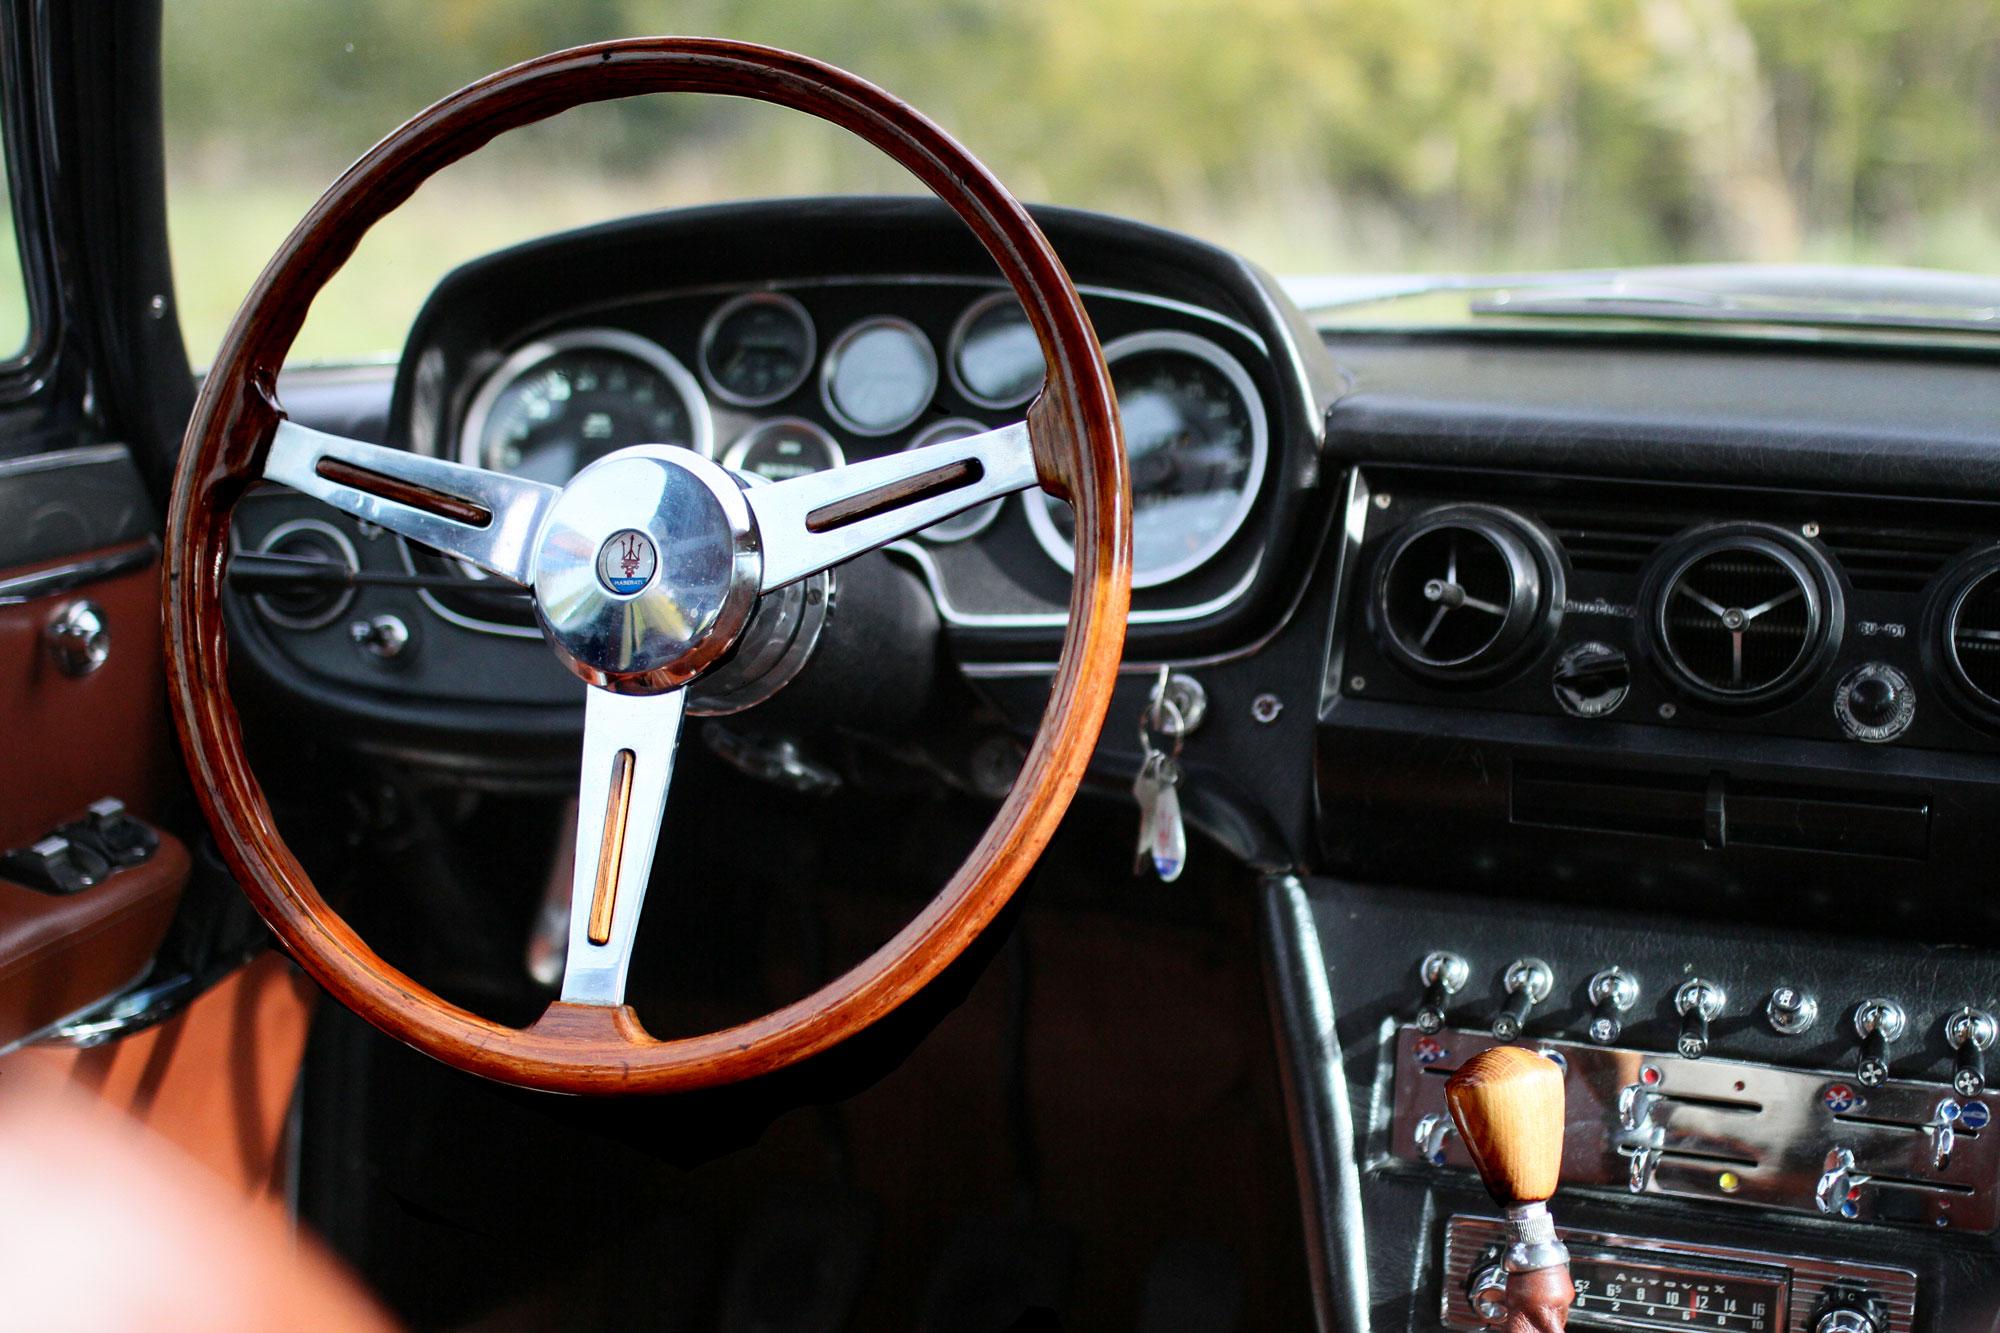 Inbjudande förarplats med vacker trärätt och inbjudande inredning i en klassisk Maserati Quattroporte